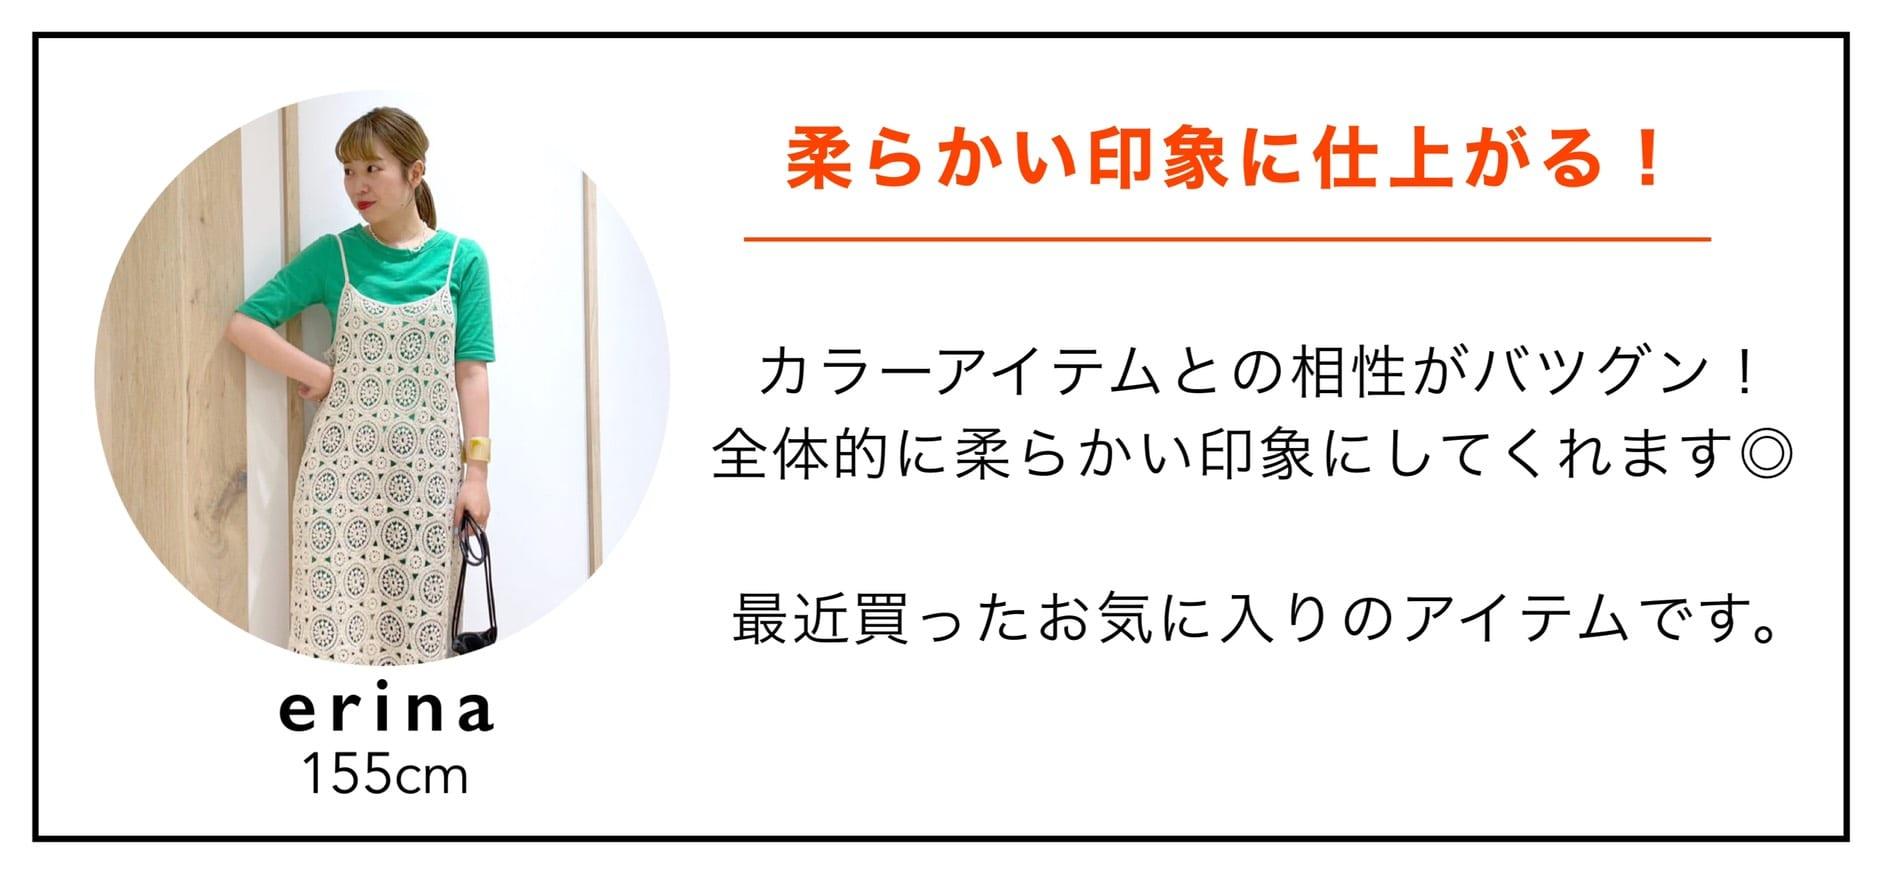 商品 01